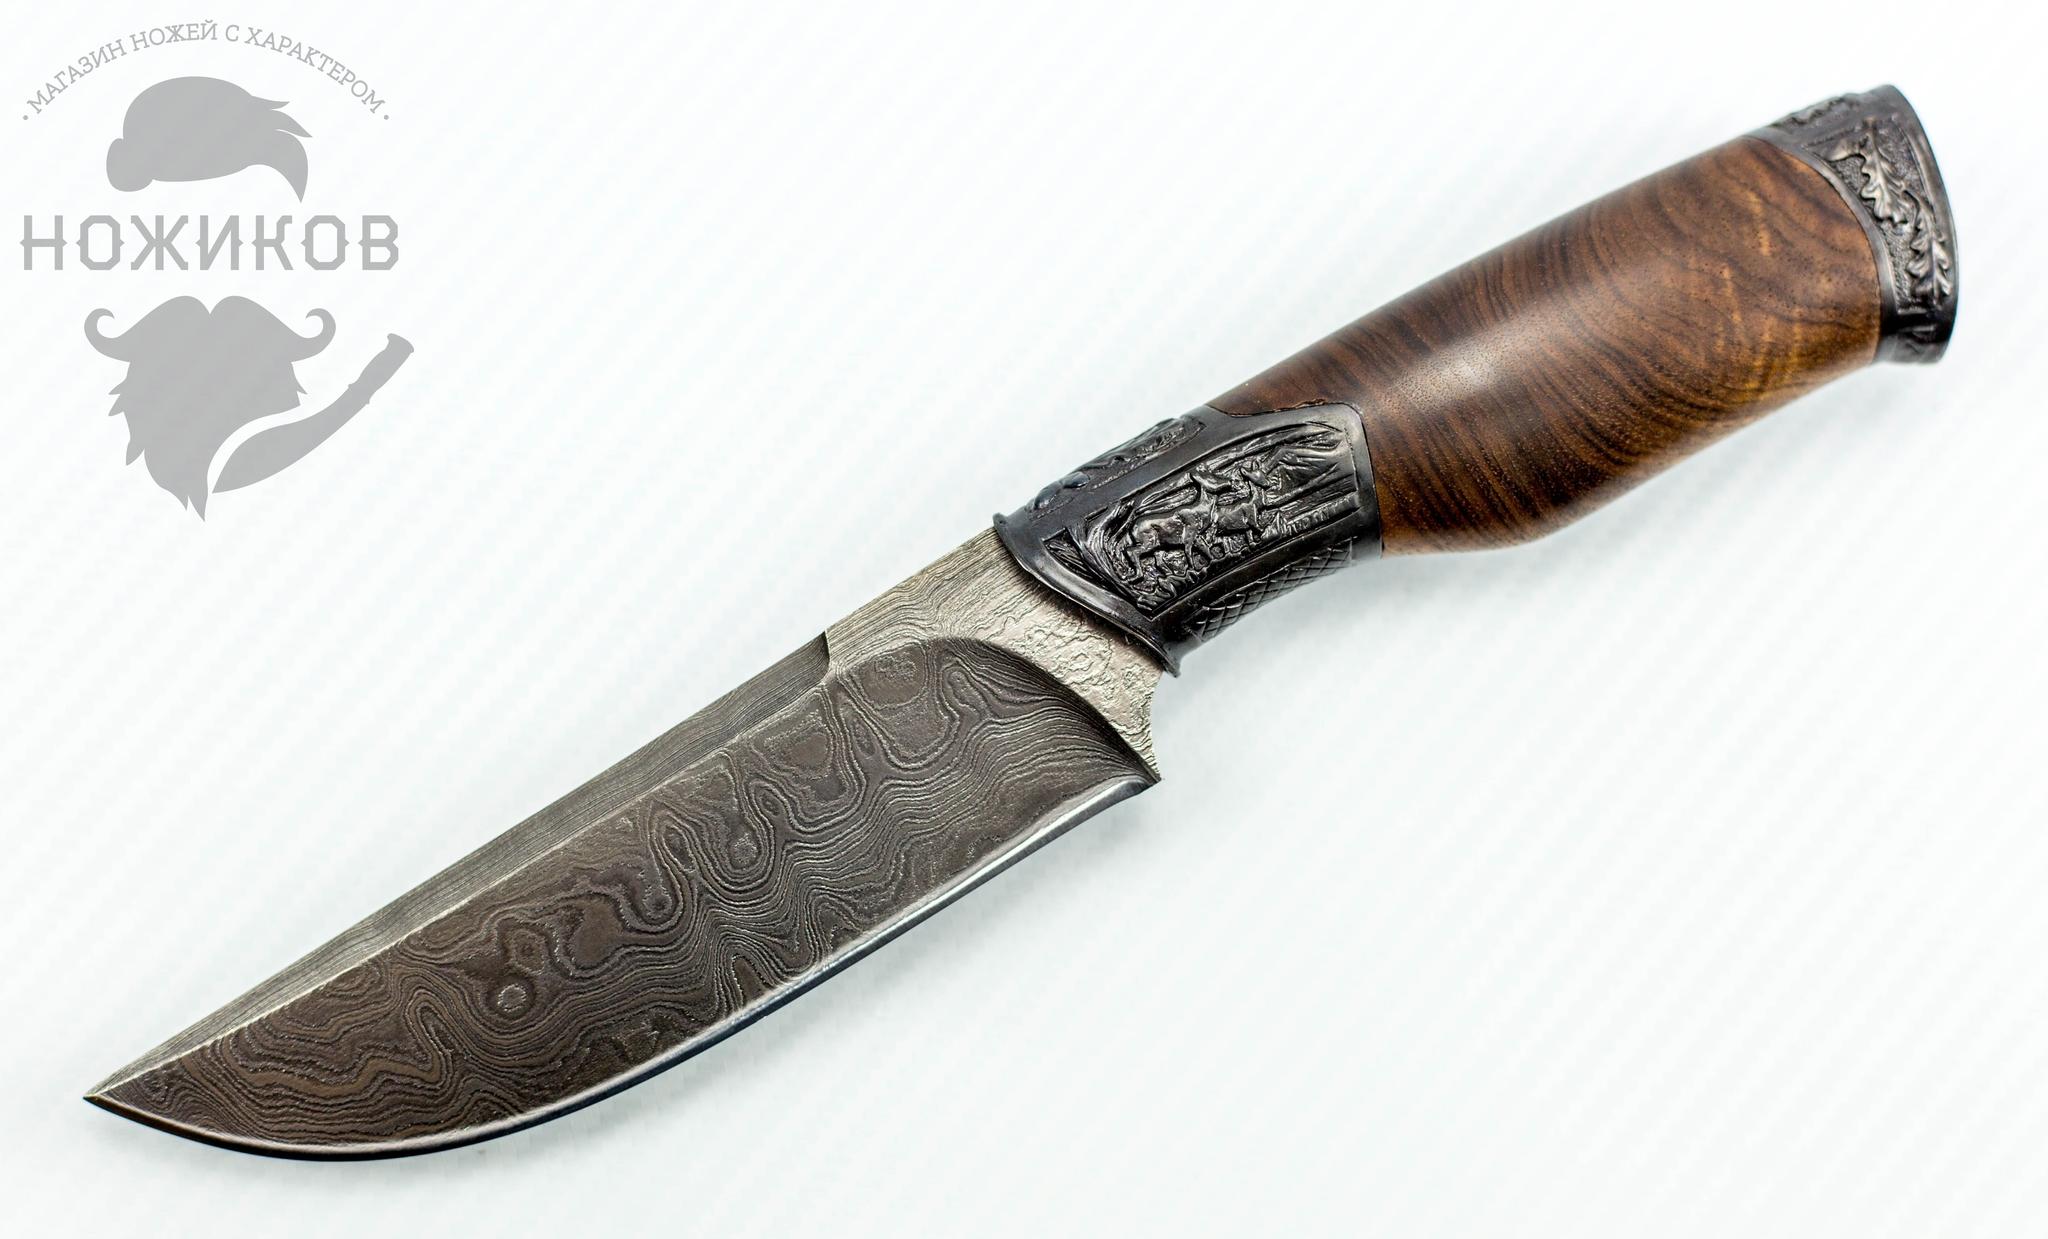 Авторский Нож из Дамаска №85, Кизляр